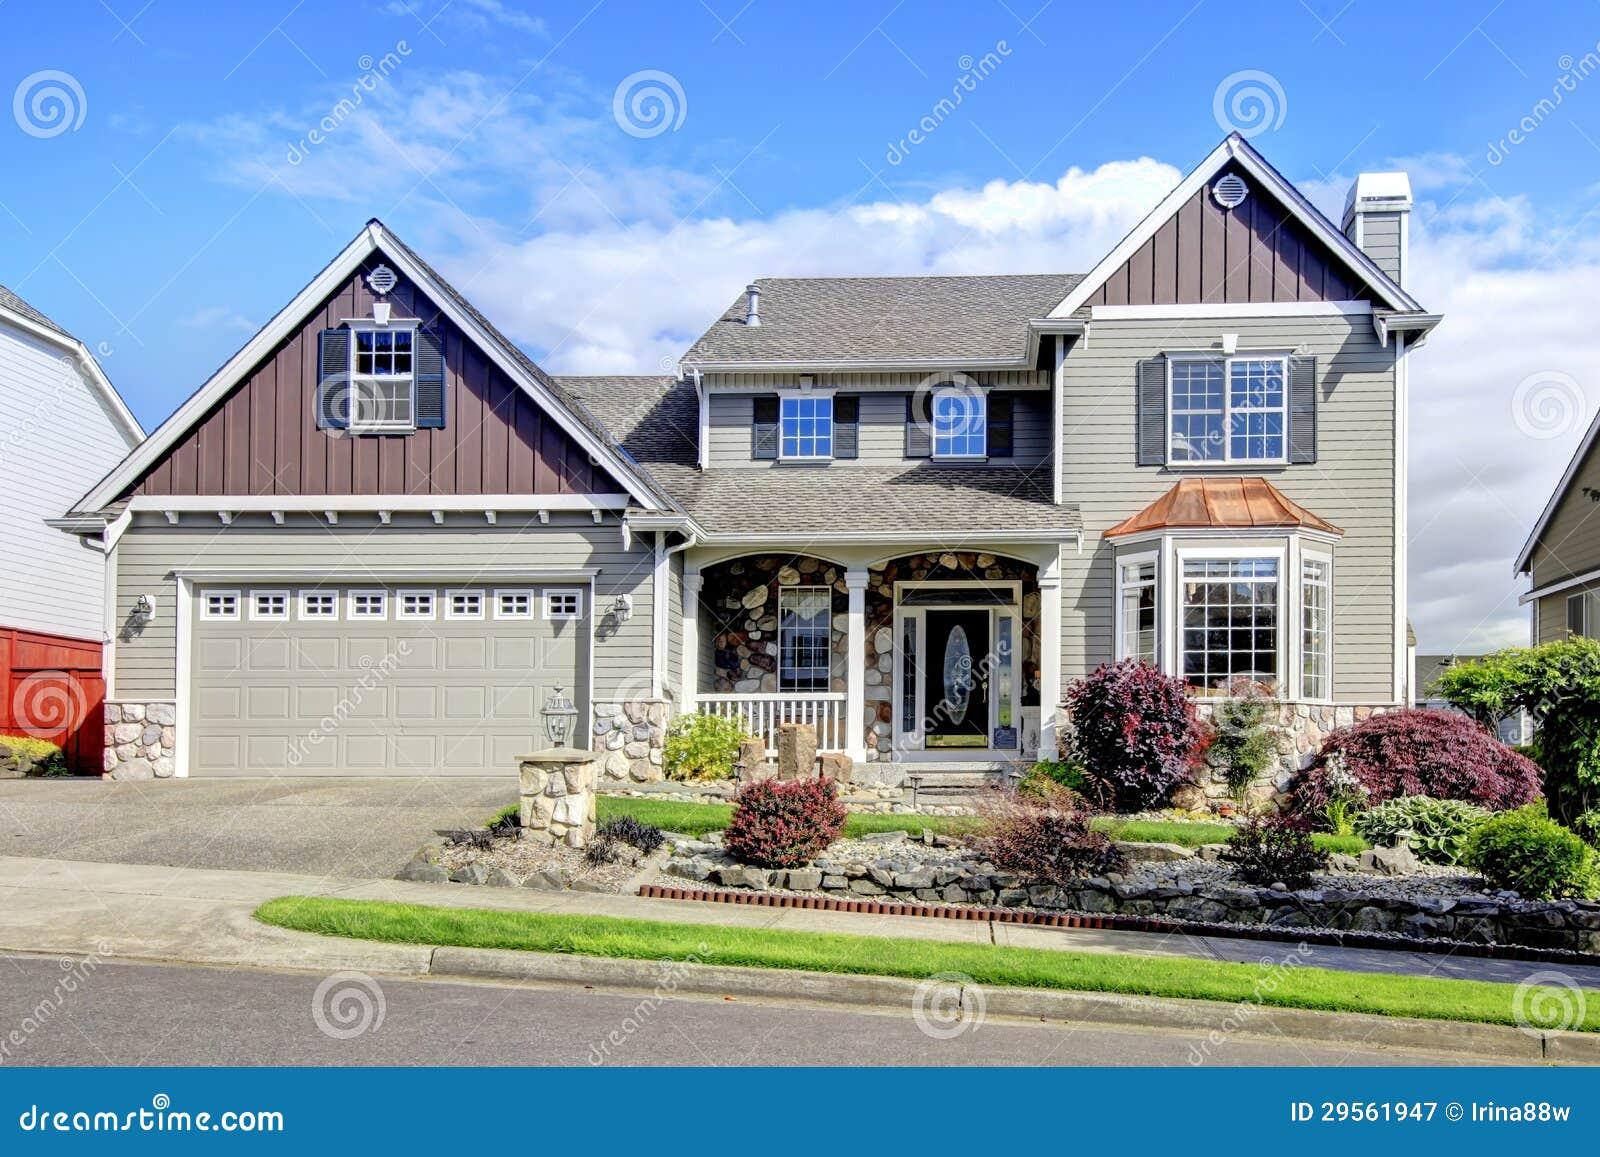 Mooi grijs nieuw klassiek huis buiten met natuurlijke steen royalty vrije stock fotografie - Nieuw huis ...